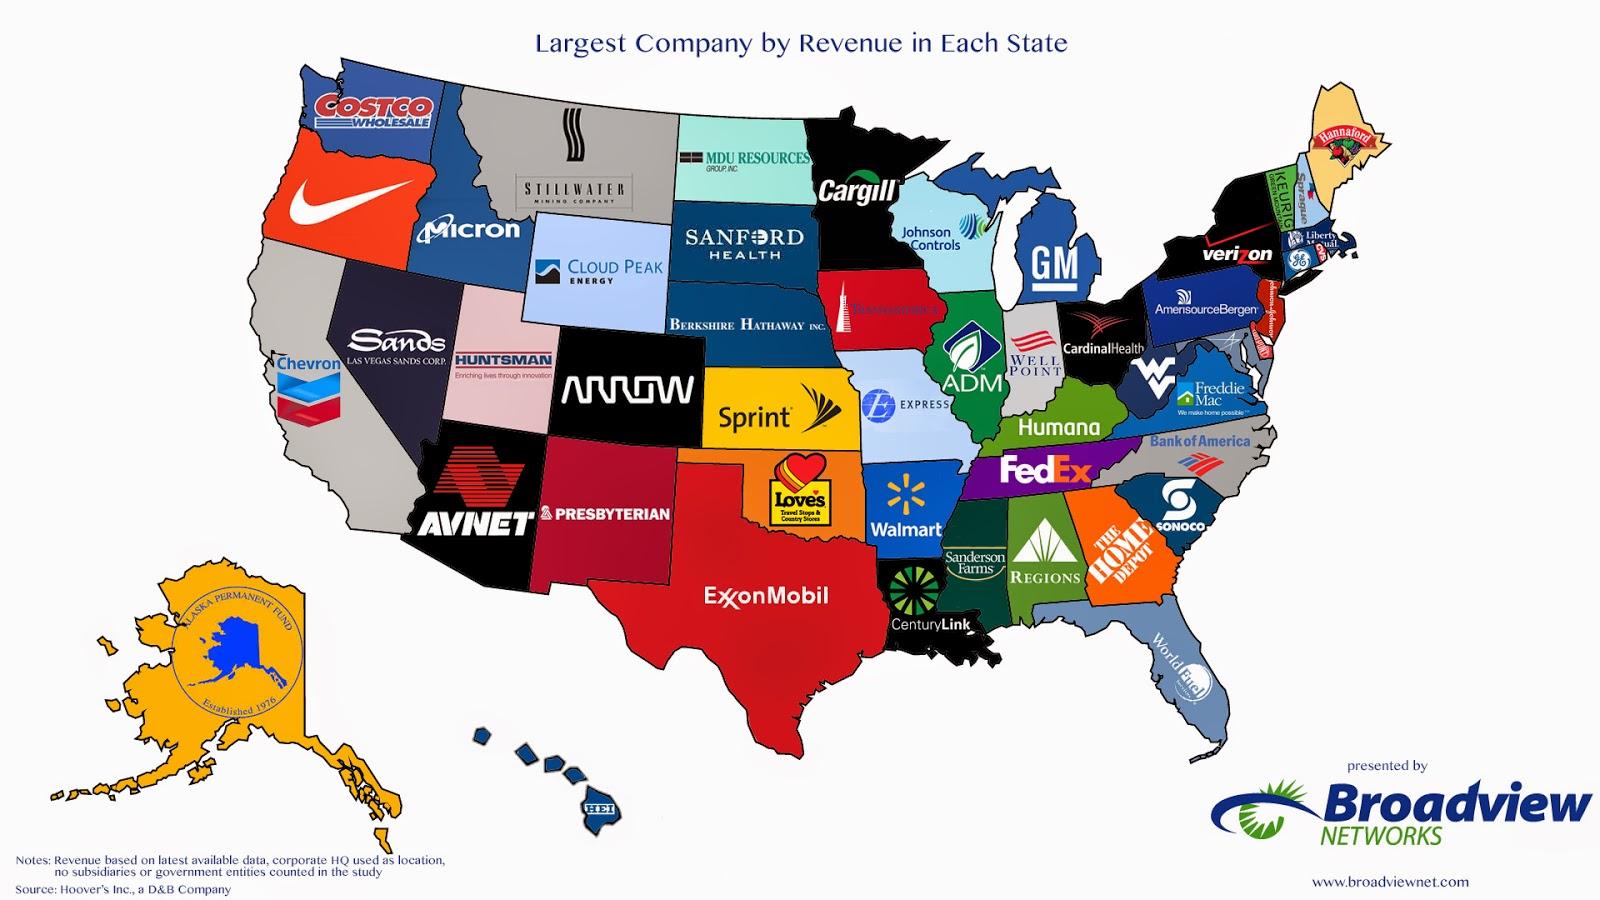 Horniest state in america